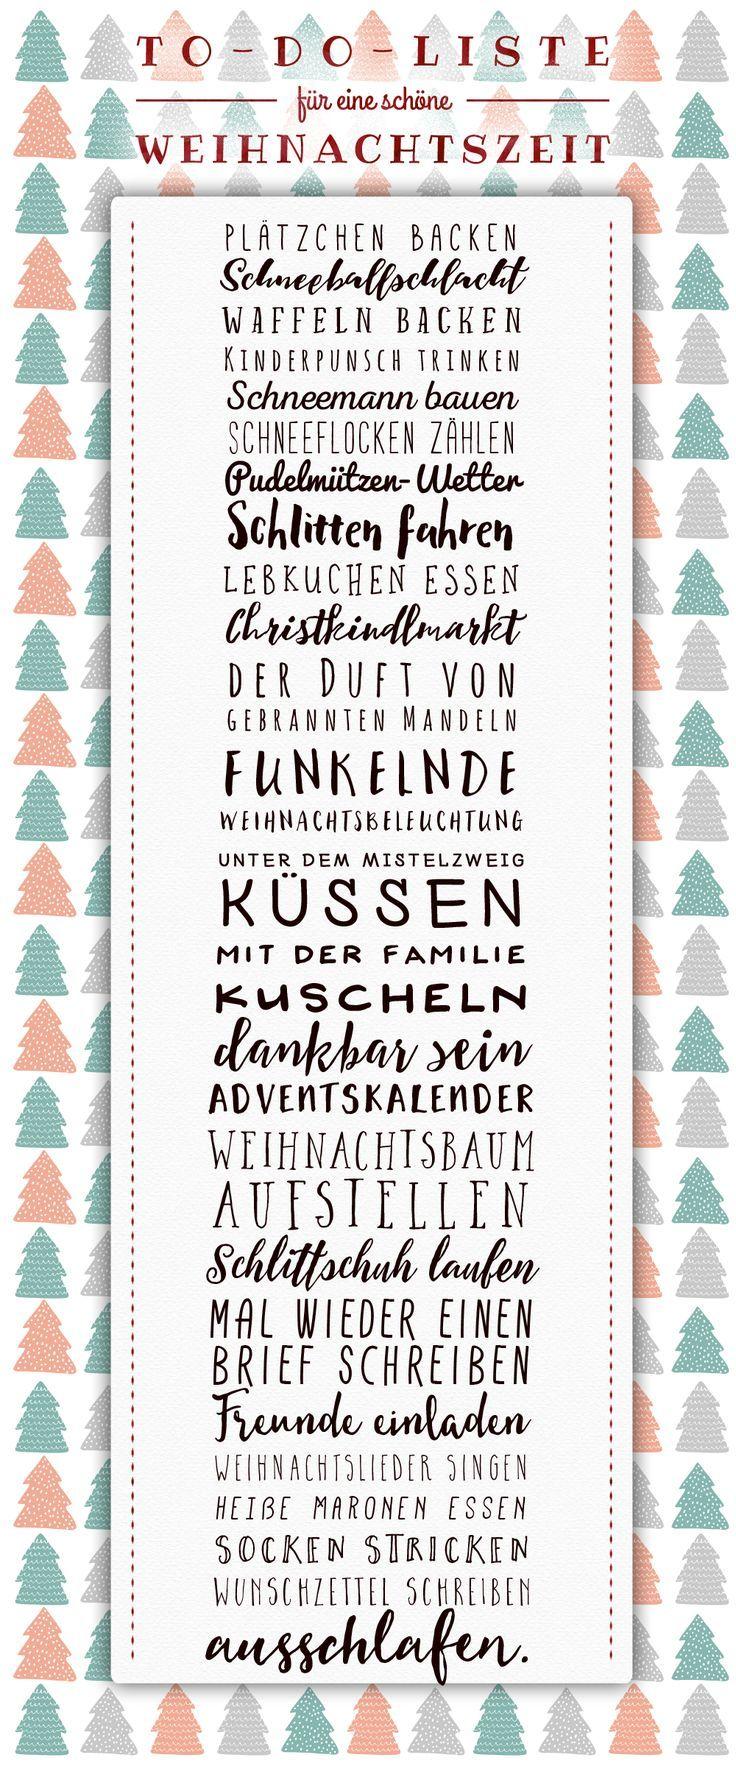 Viele Ideen für eine schöne Weihnachtszeit mit der Familie ...